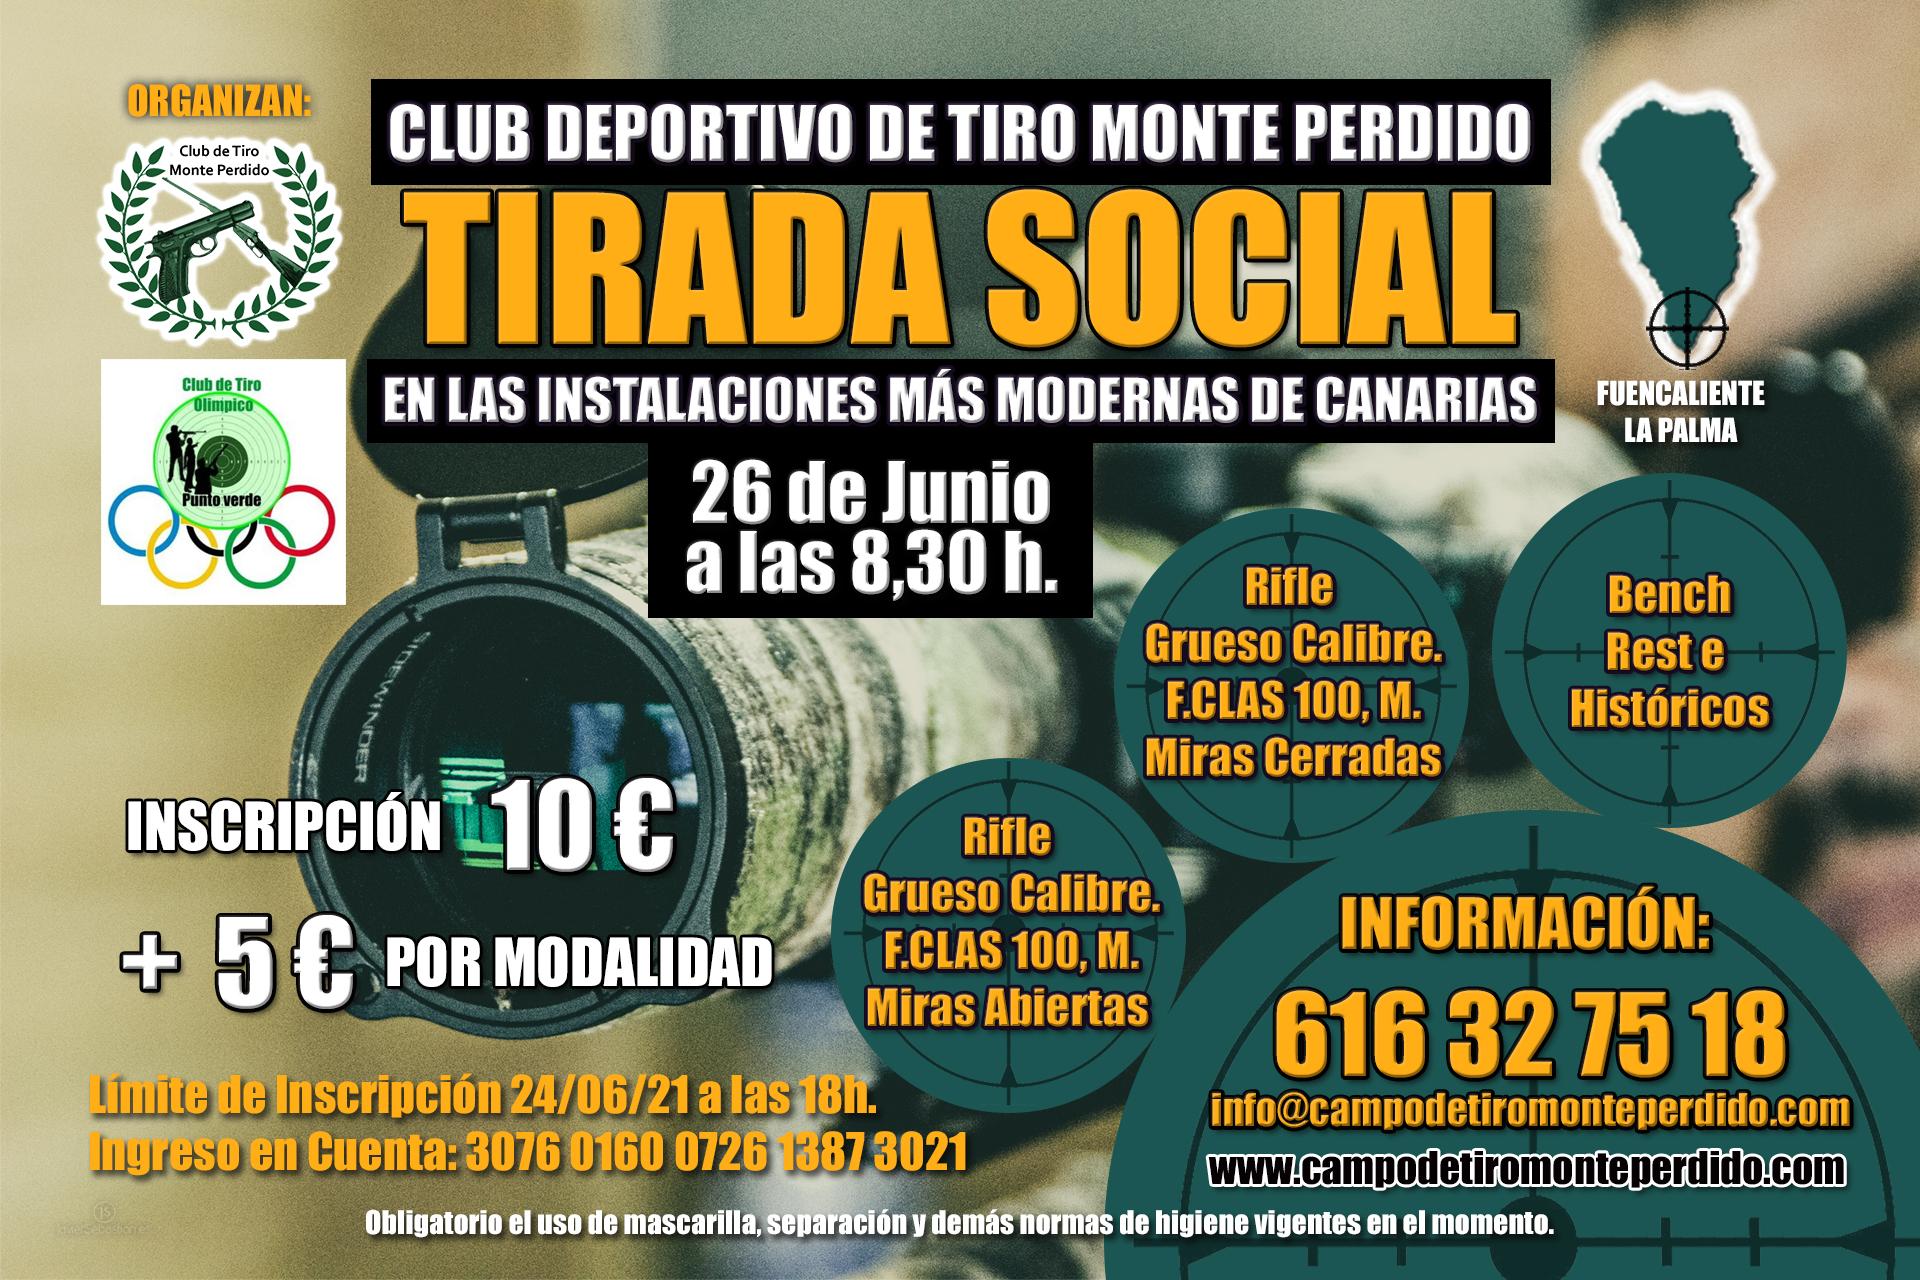 Tirada Social Rifles, Bench Rest e Históricos. 26 de Junio 2021 · Club Deportivo de Tiro Monte Perdido · Fuencaliente La Palma